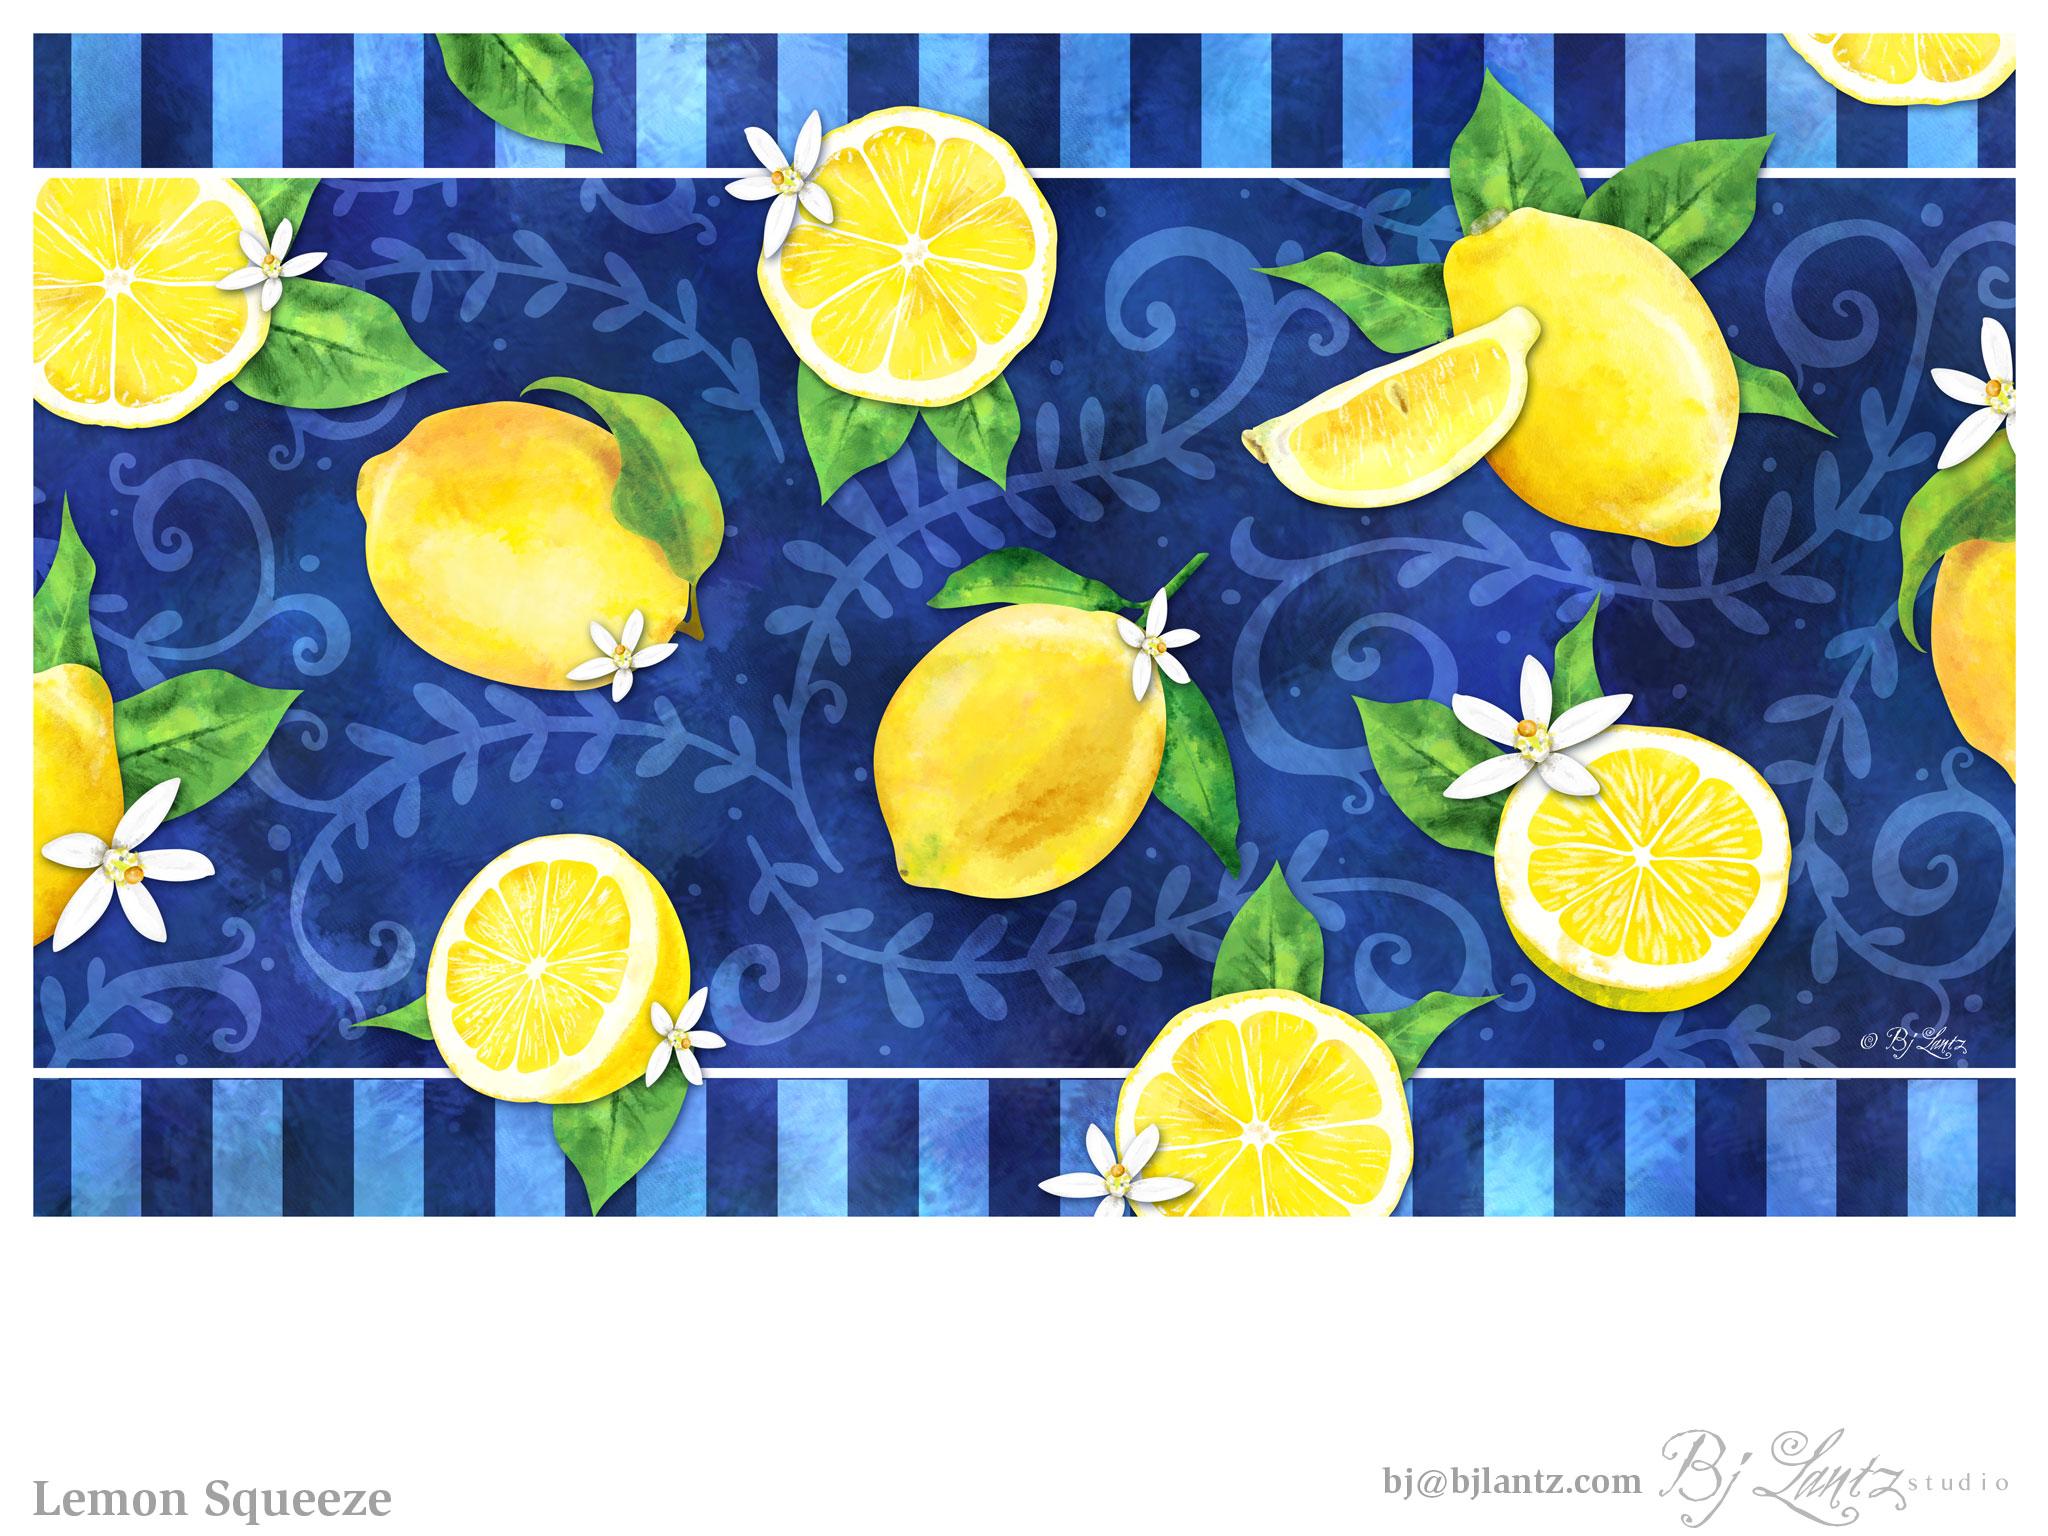 LemondSqueeze_BJLantz_1.jpg